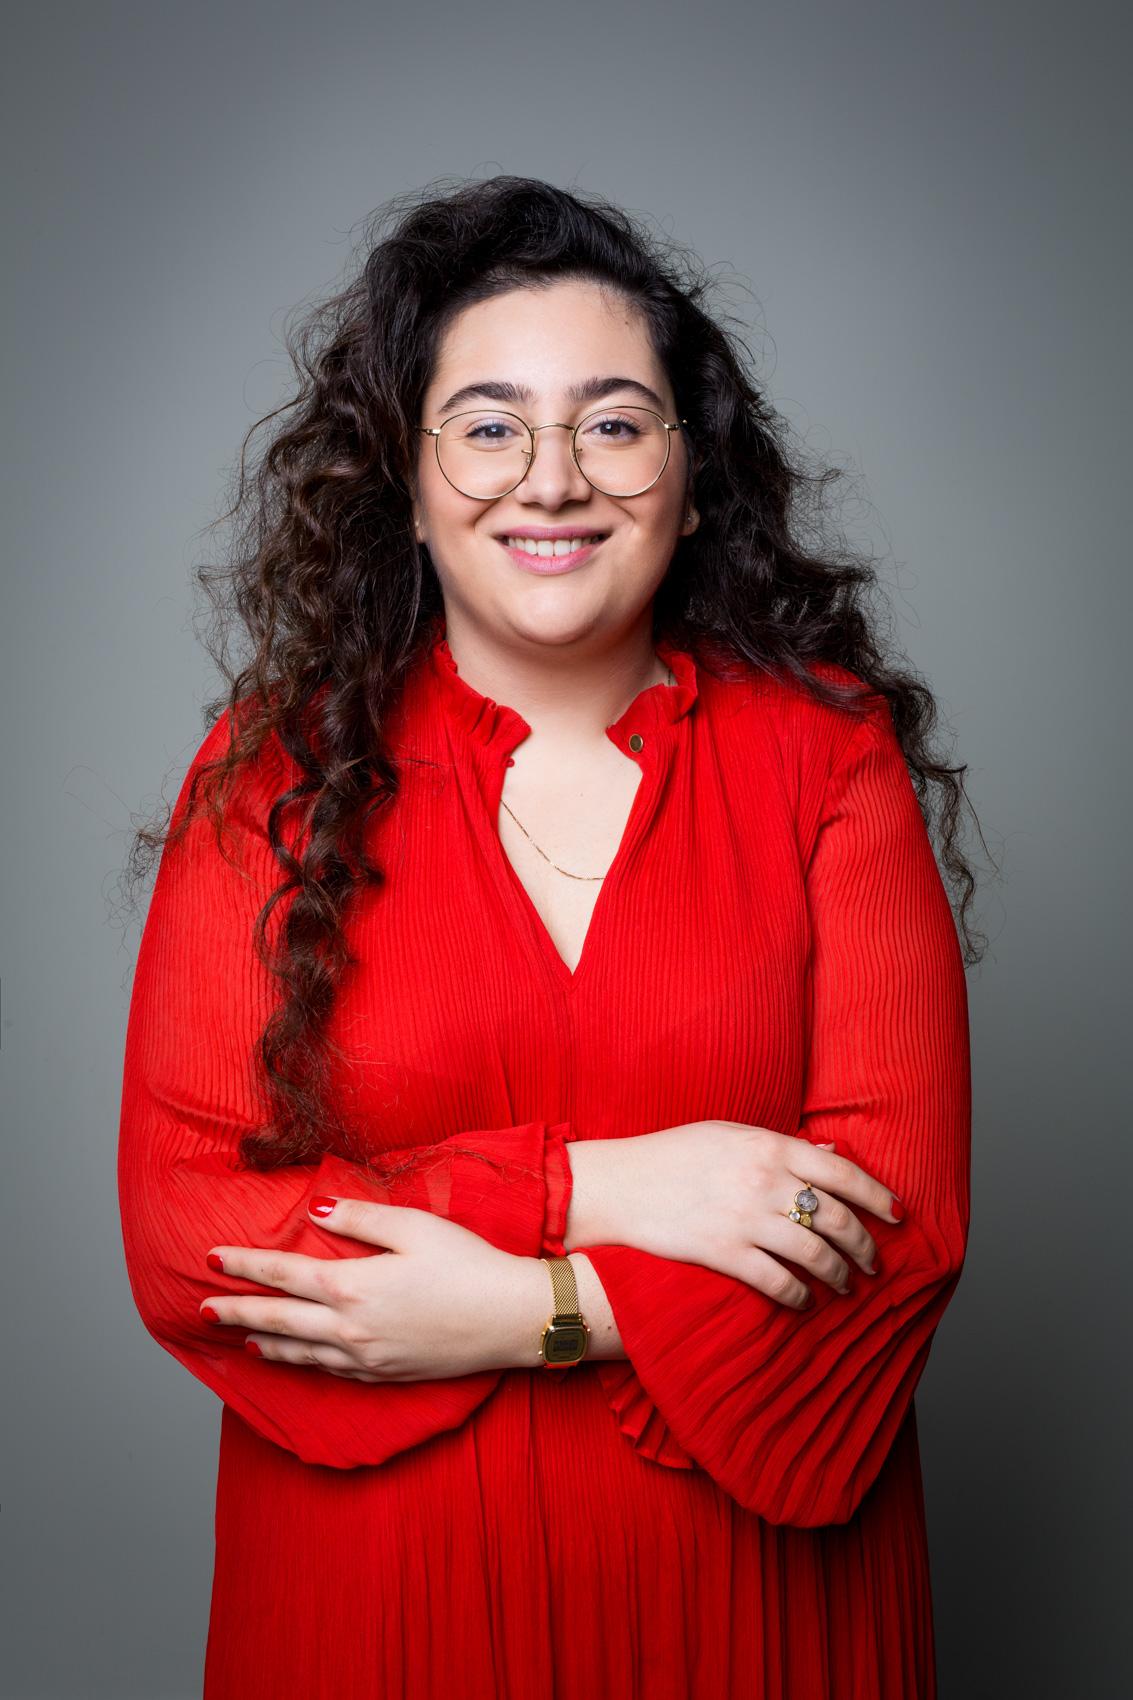 טליה צורף, צילום: ניר סלקמן